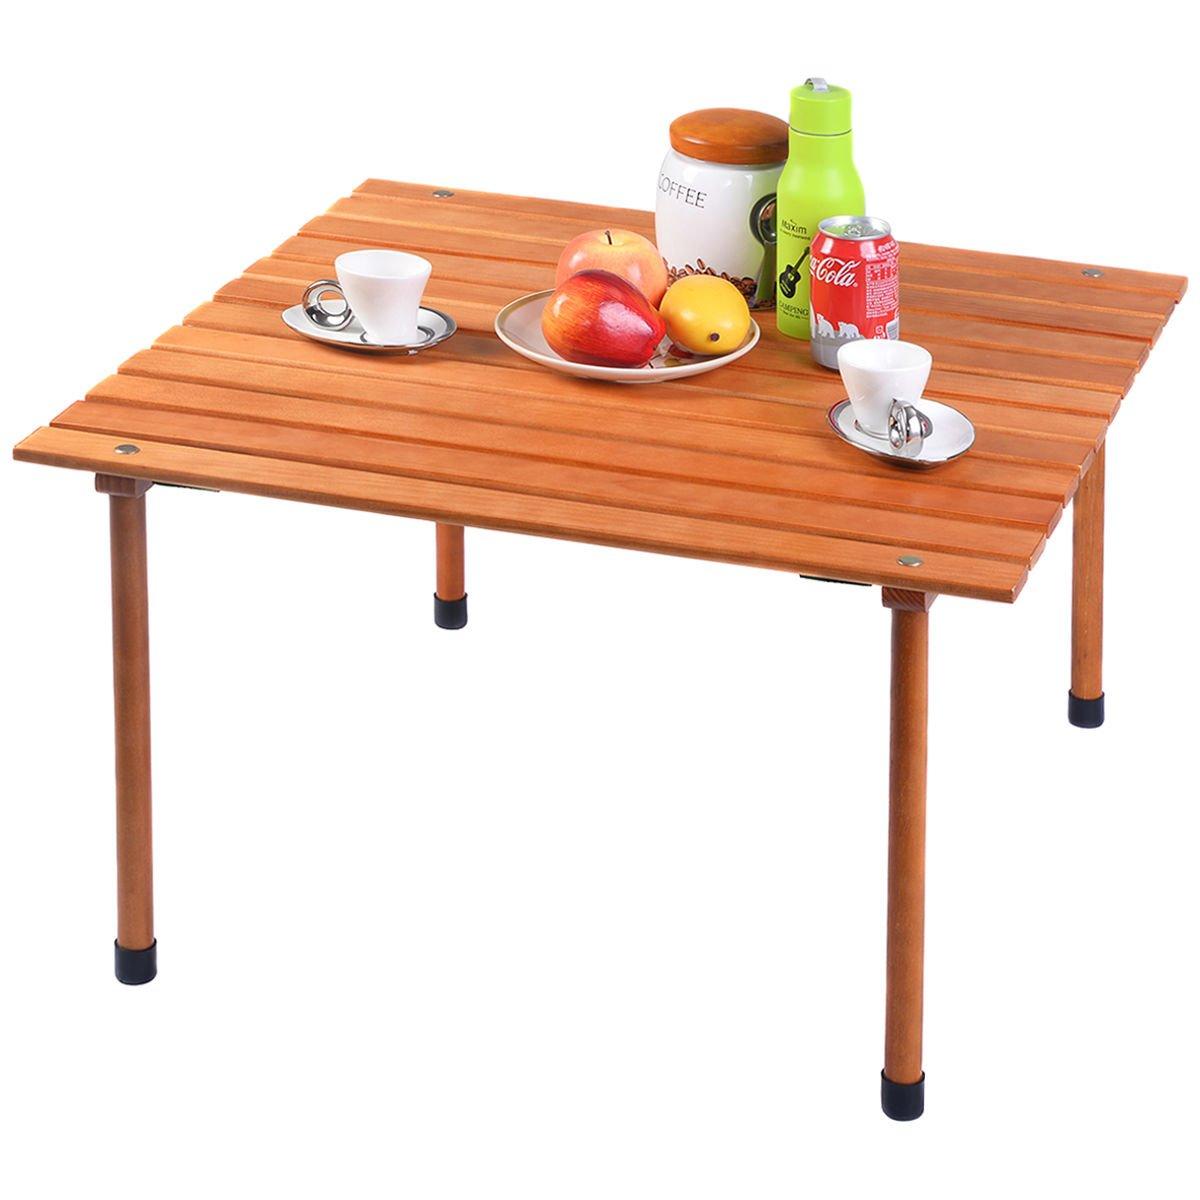 chonlakrit Wood Roll Upテーブル折りたたみキャンプアウトドアインドアピクニックW /バッグ B071ZZJ5N1